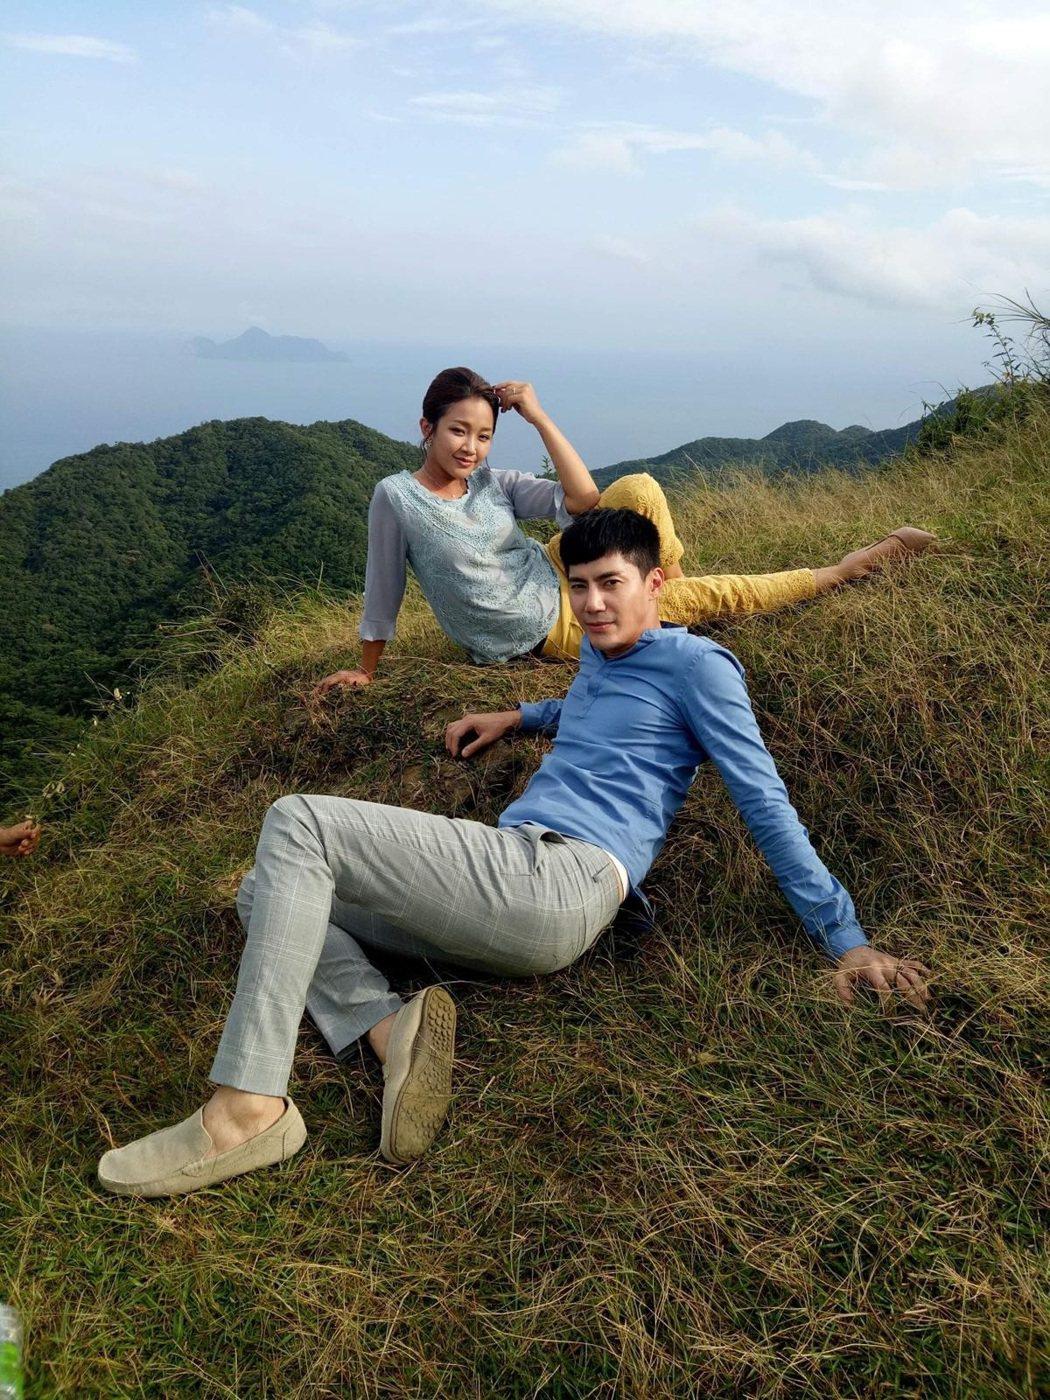 賴慧如(左)、王凱為了克服懼高症,只好不斷地拍美照轉移注意力。圖/民視提供